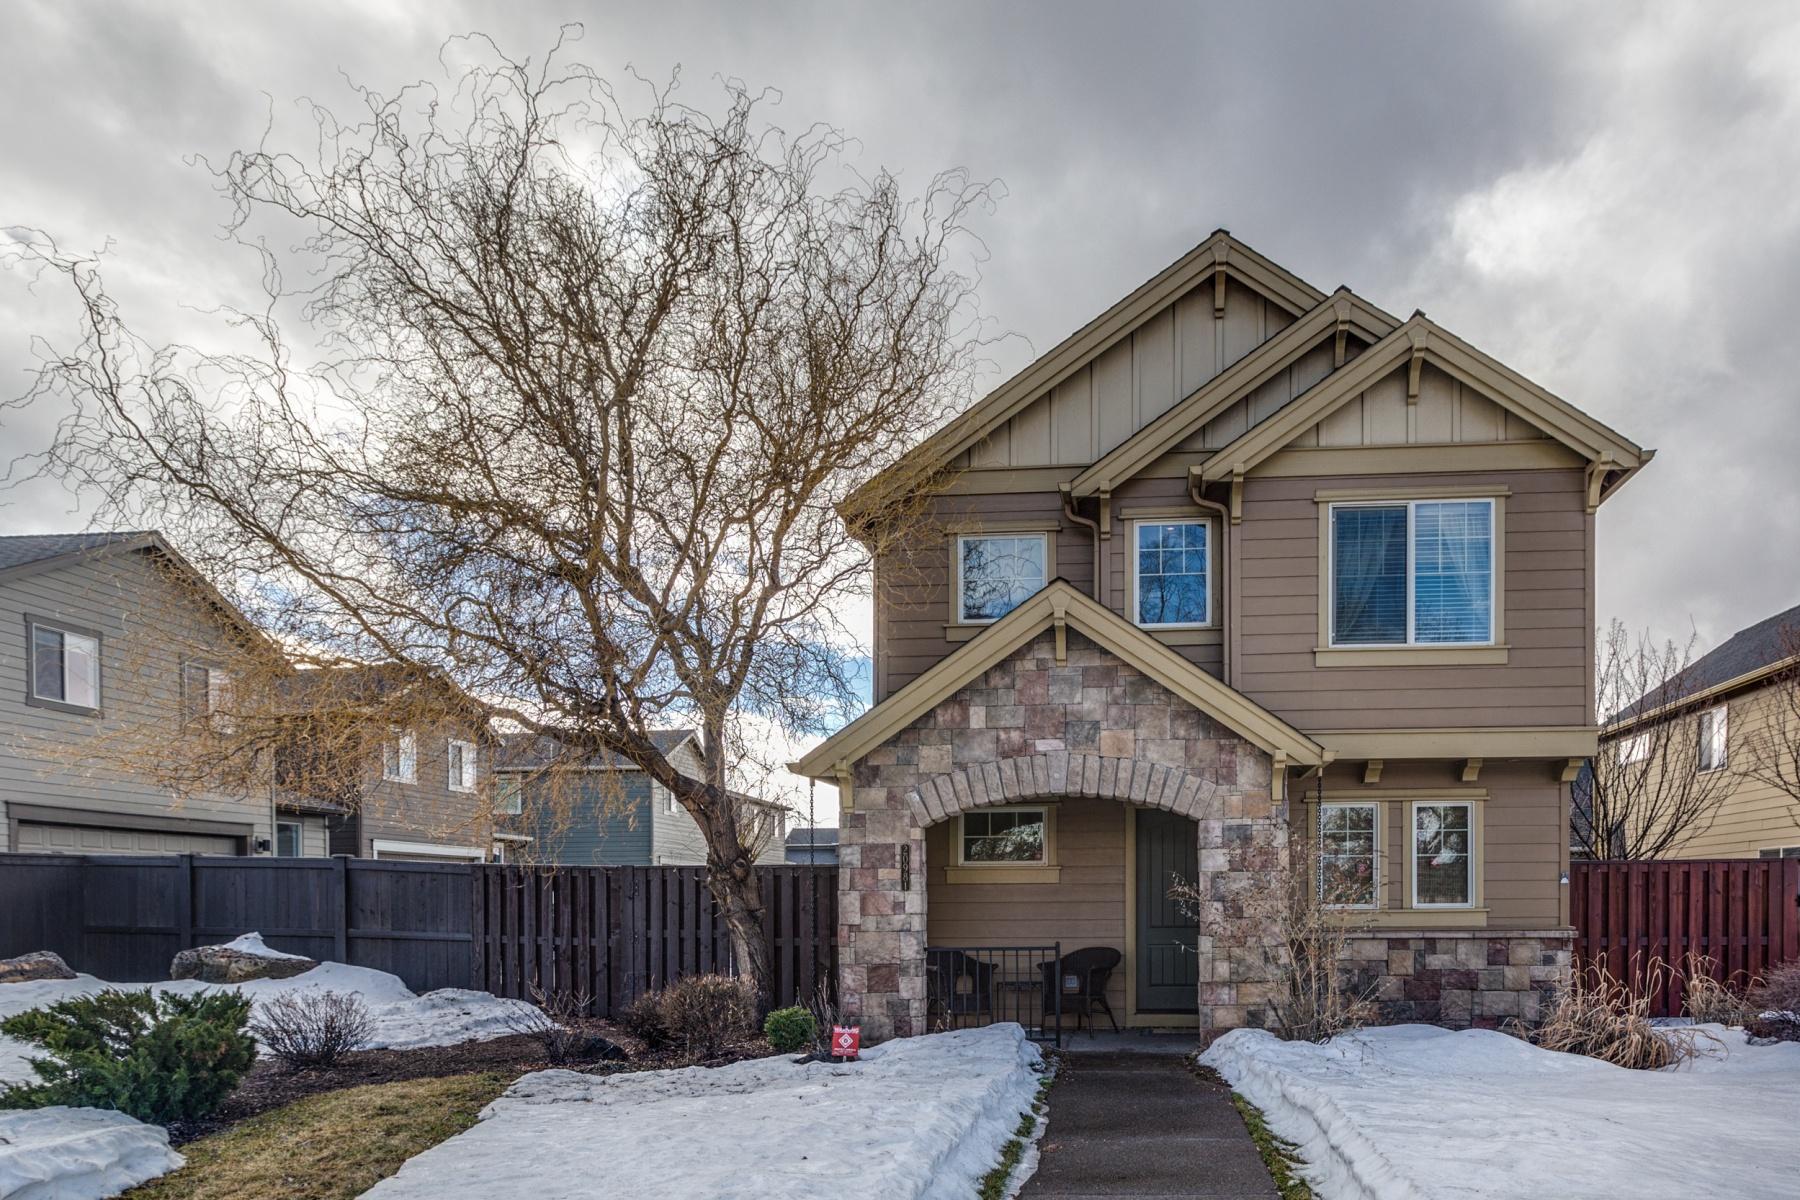 独户住宅 为 销售 在 Beautiful Home in Lava Ridges 20981 Yeoman Rd 本德, 俄勒冈州, 97701 美国